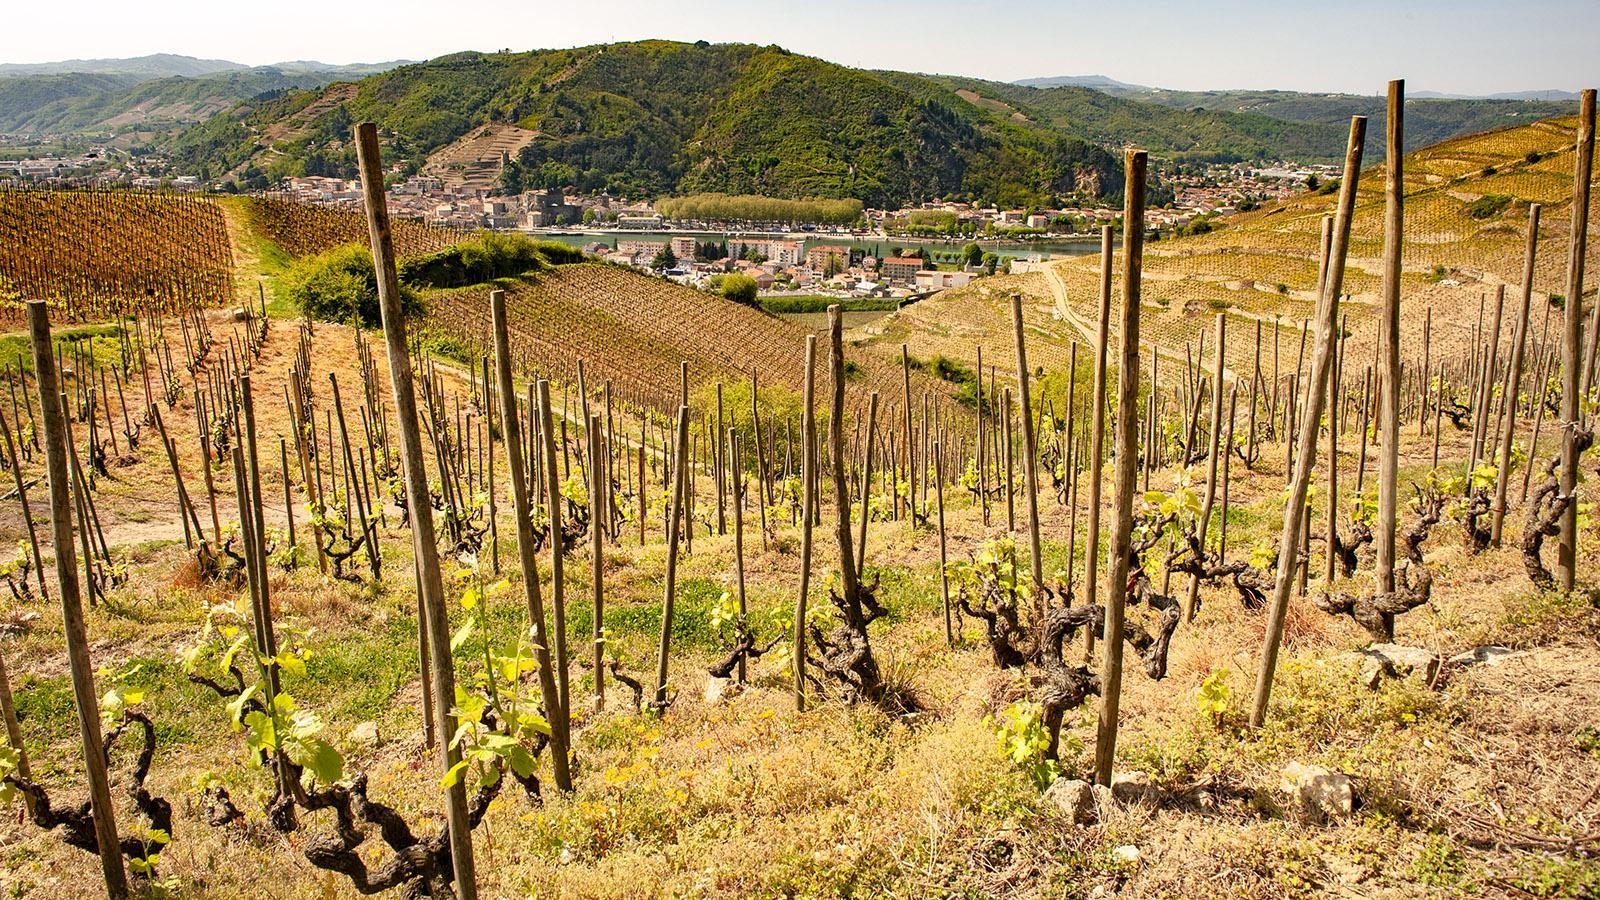 Blick von den Weinbergen auf Tain-l'Hermitage. Foto: Hilke Maunder